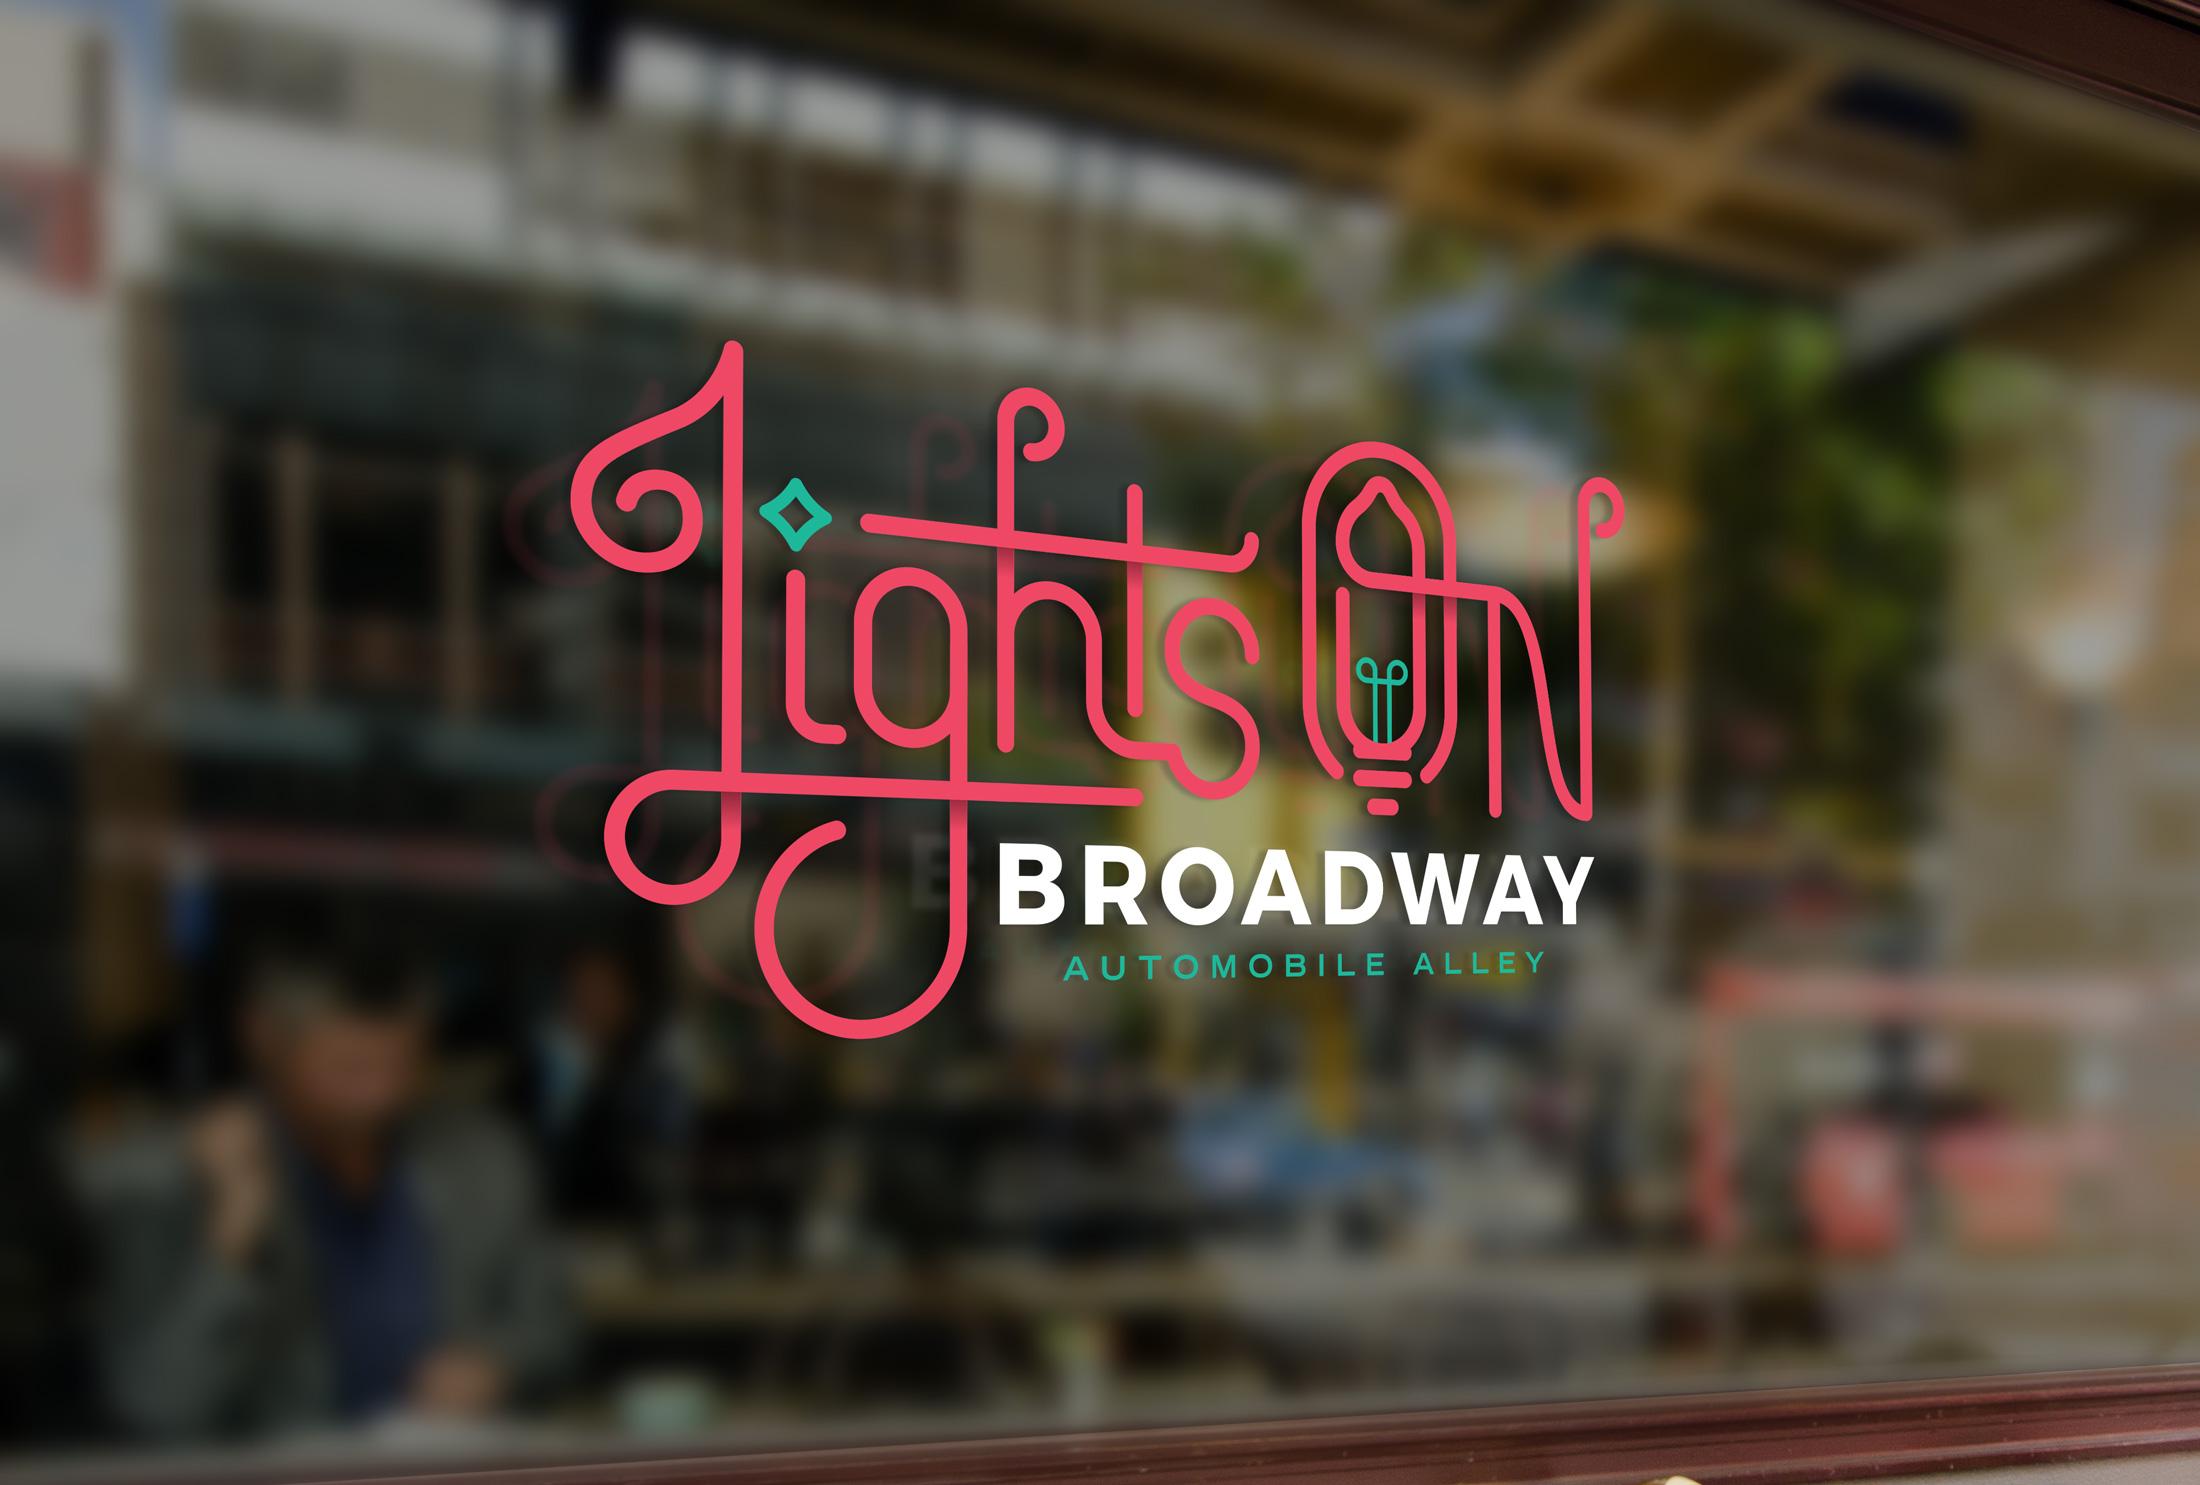 LightsOnBroadway_Window.jpg